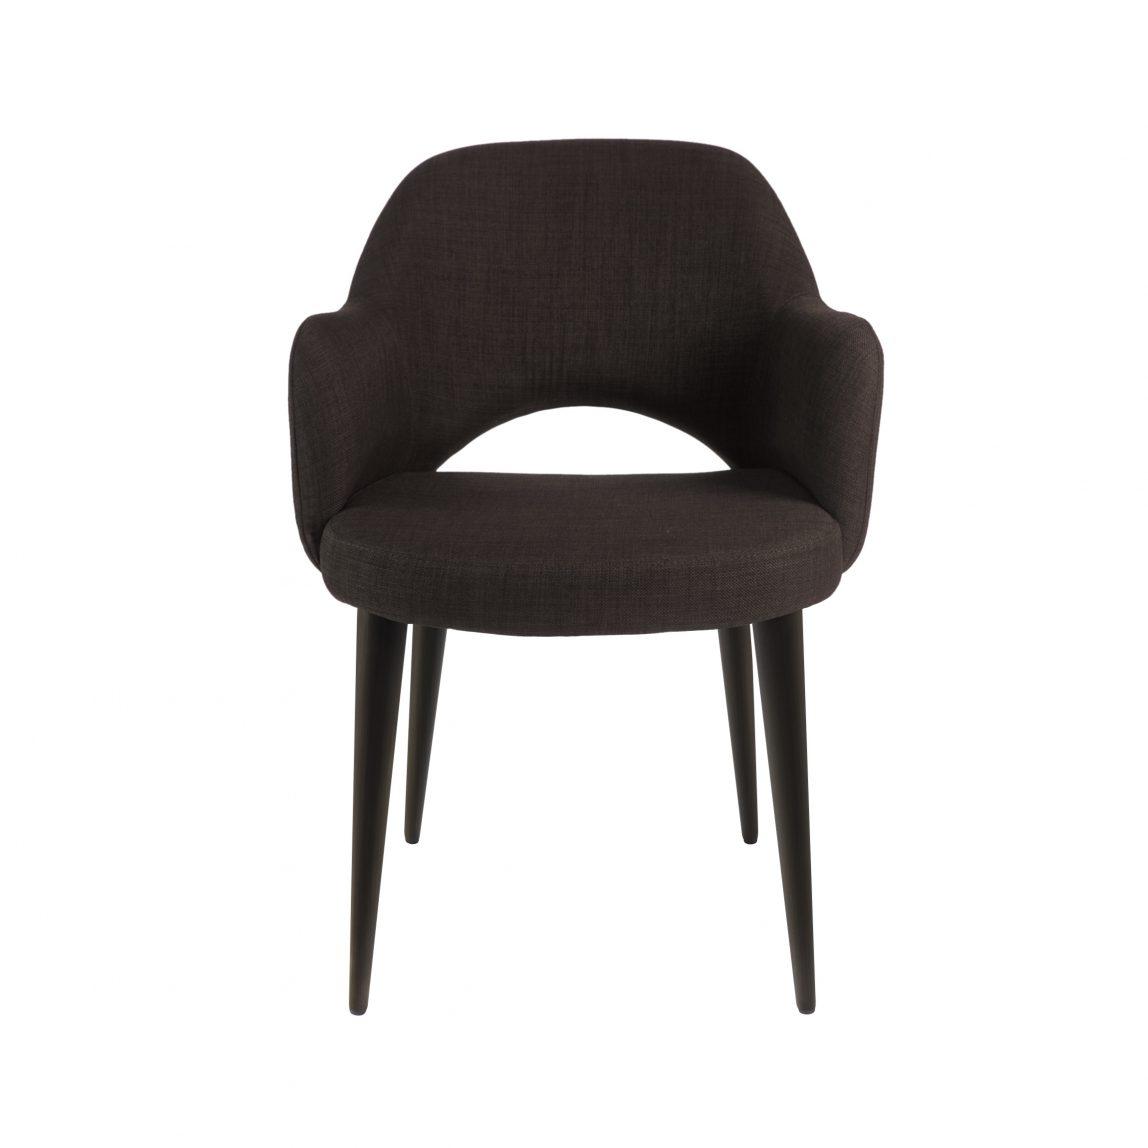 Современное полукресло обеденный коричневый стул Martin Мартин Deephouse (дипхаус) рогожка